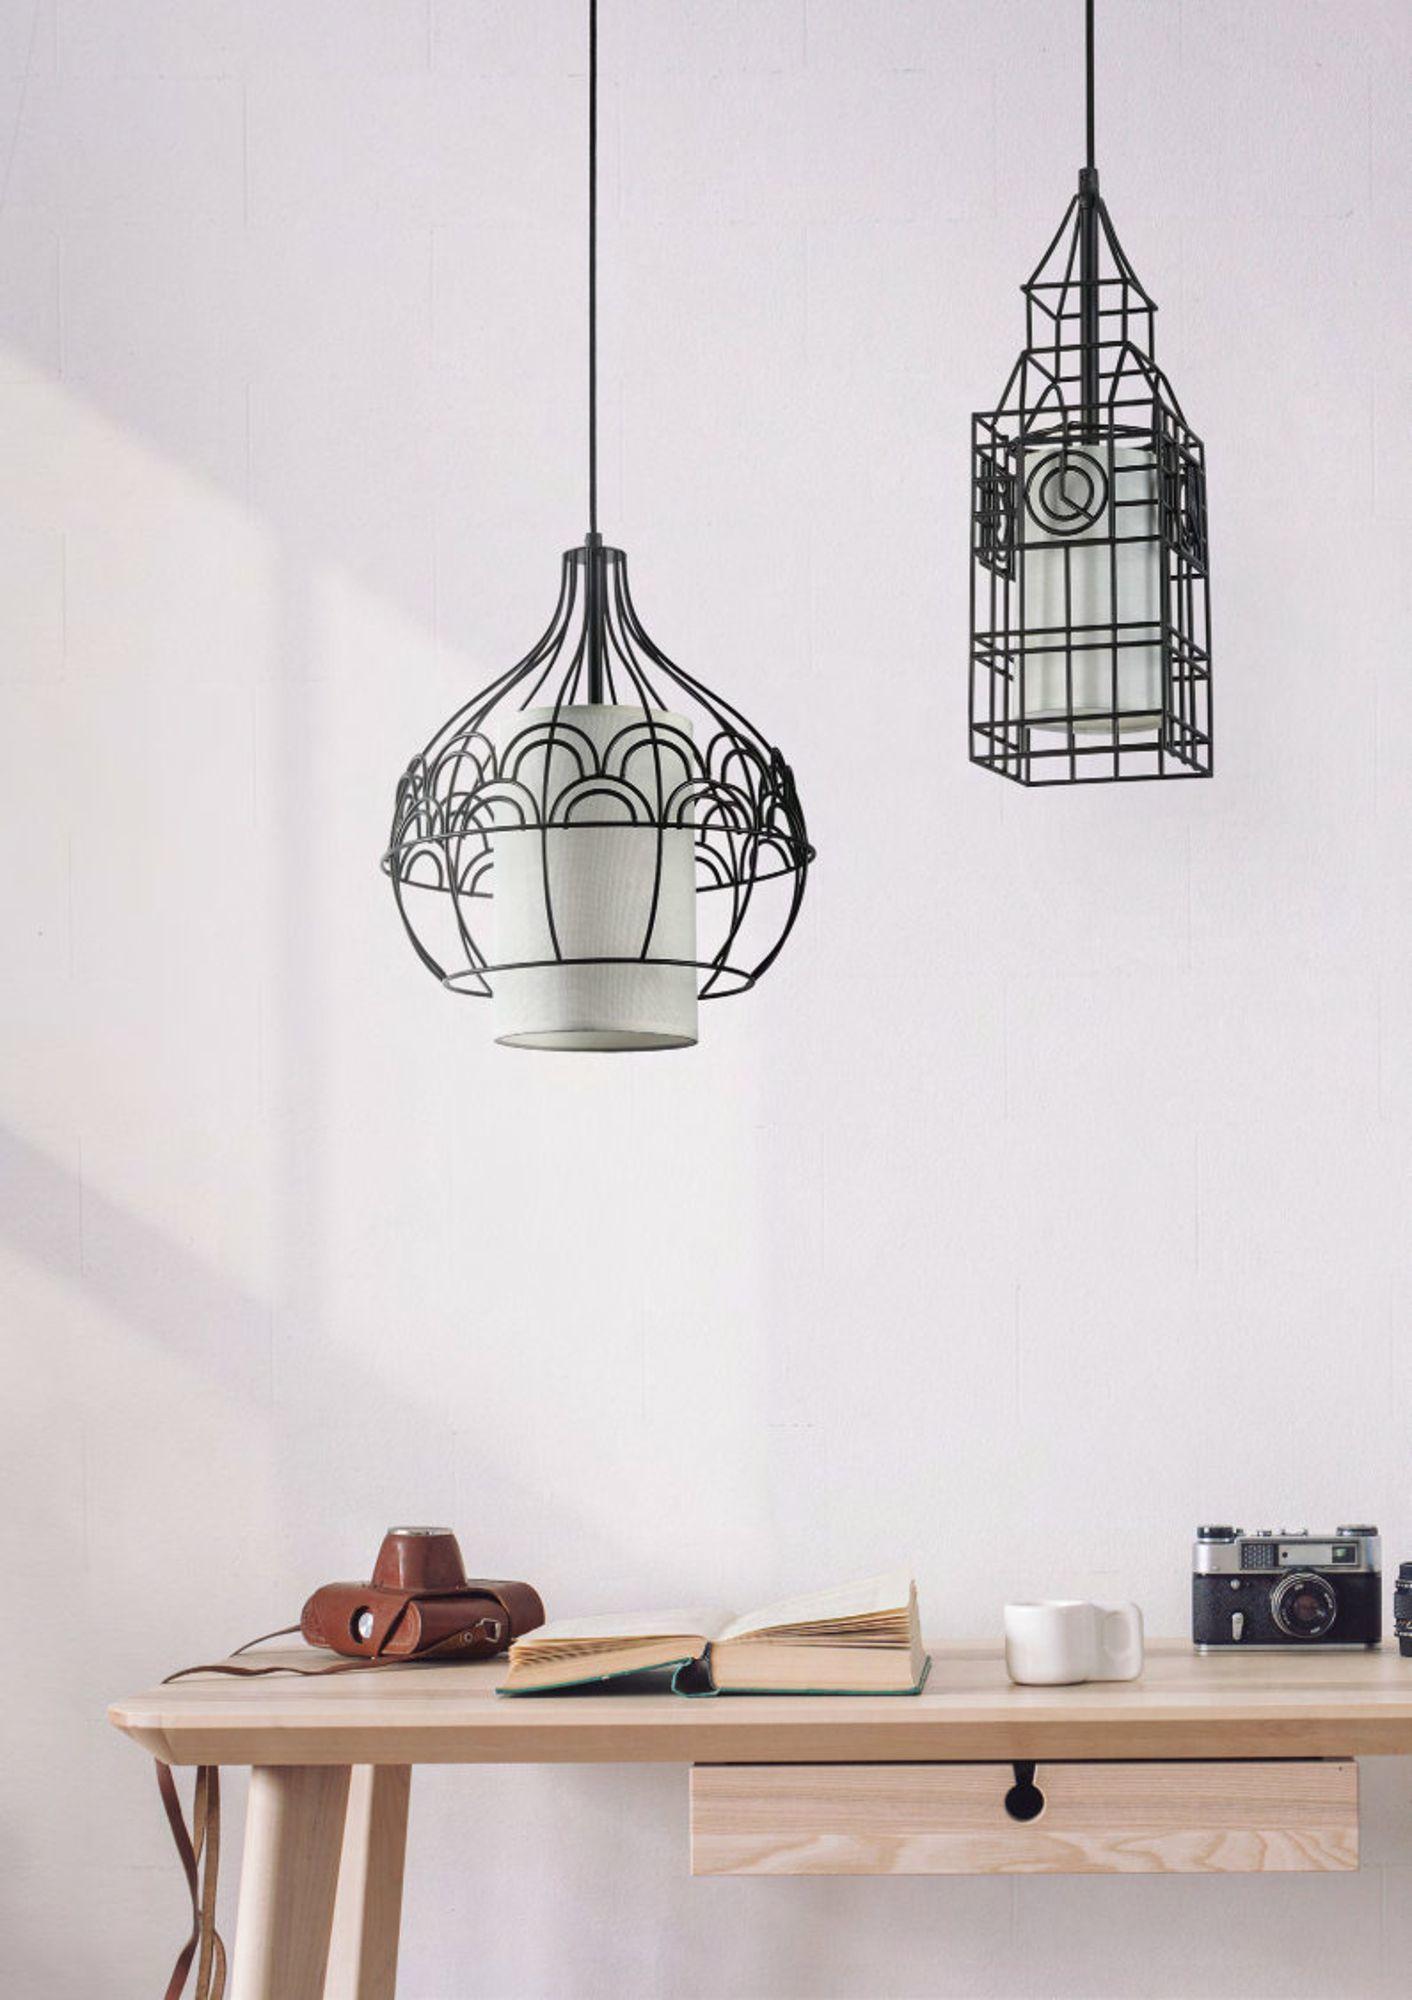 Подвесной светильник Maytoni City T194-PL-01-B, 1xE27x40W, черный, белый, металл, текстиль - фото 5